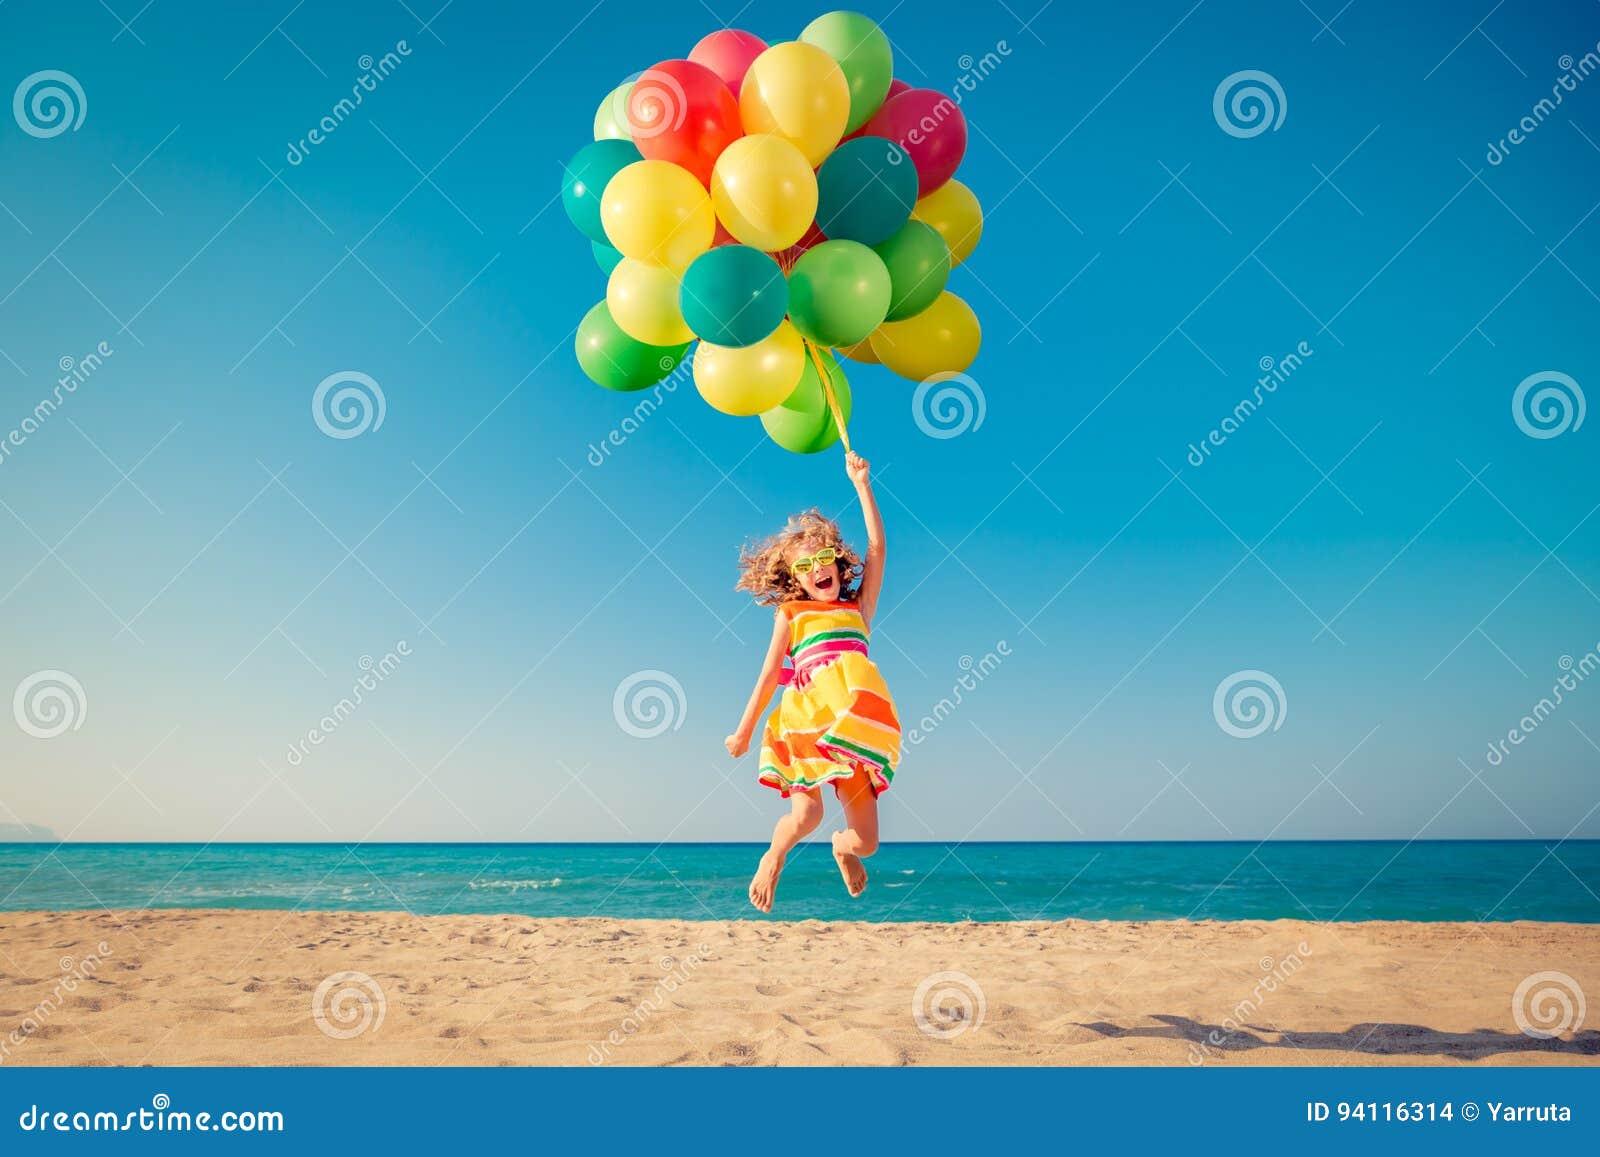 Enfant heureux sautant avec les ballons colorés sur la plage sablonneuse